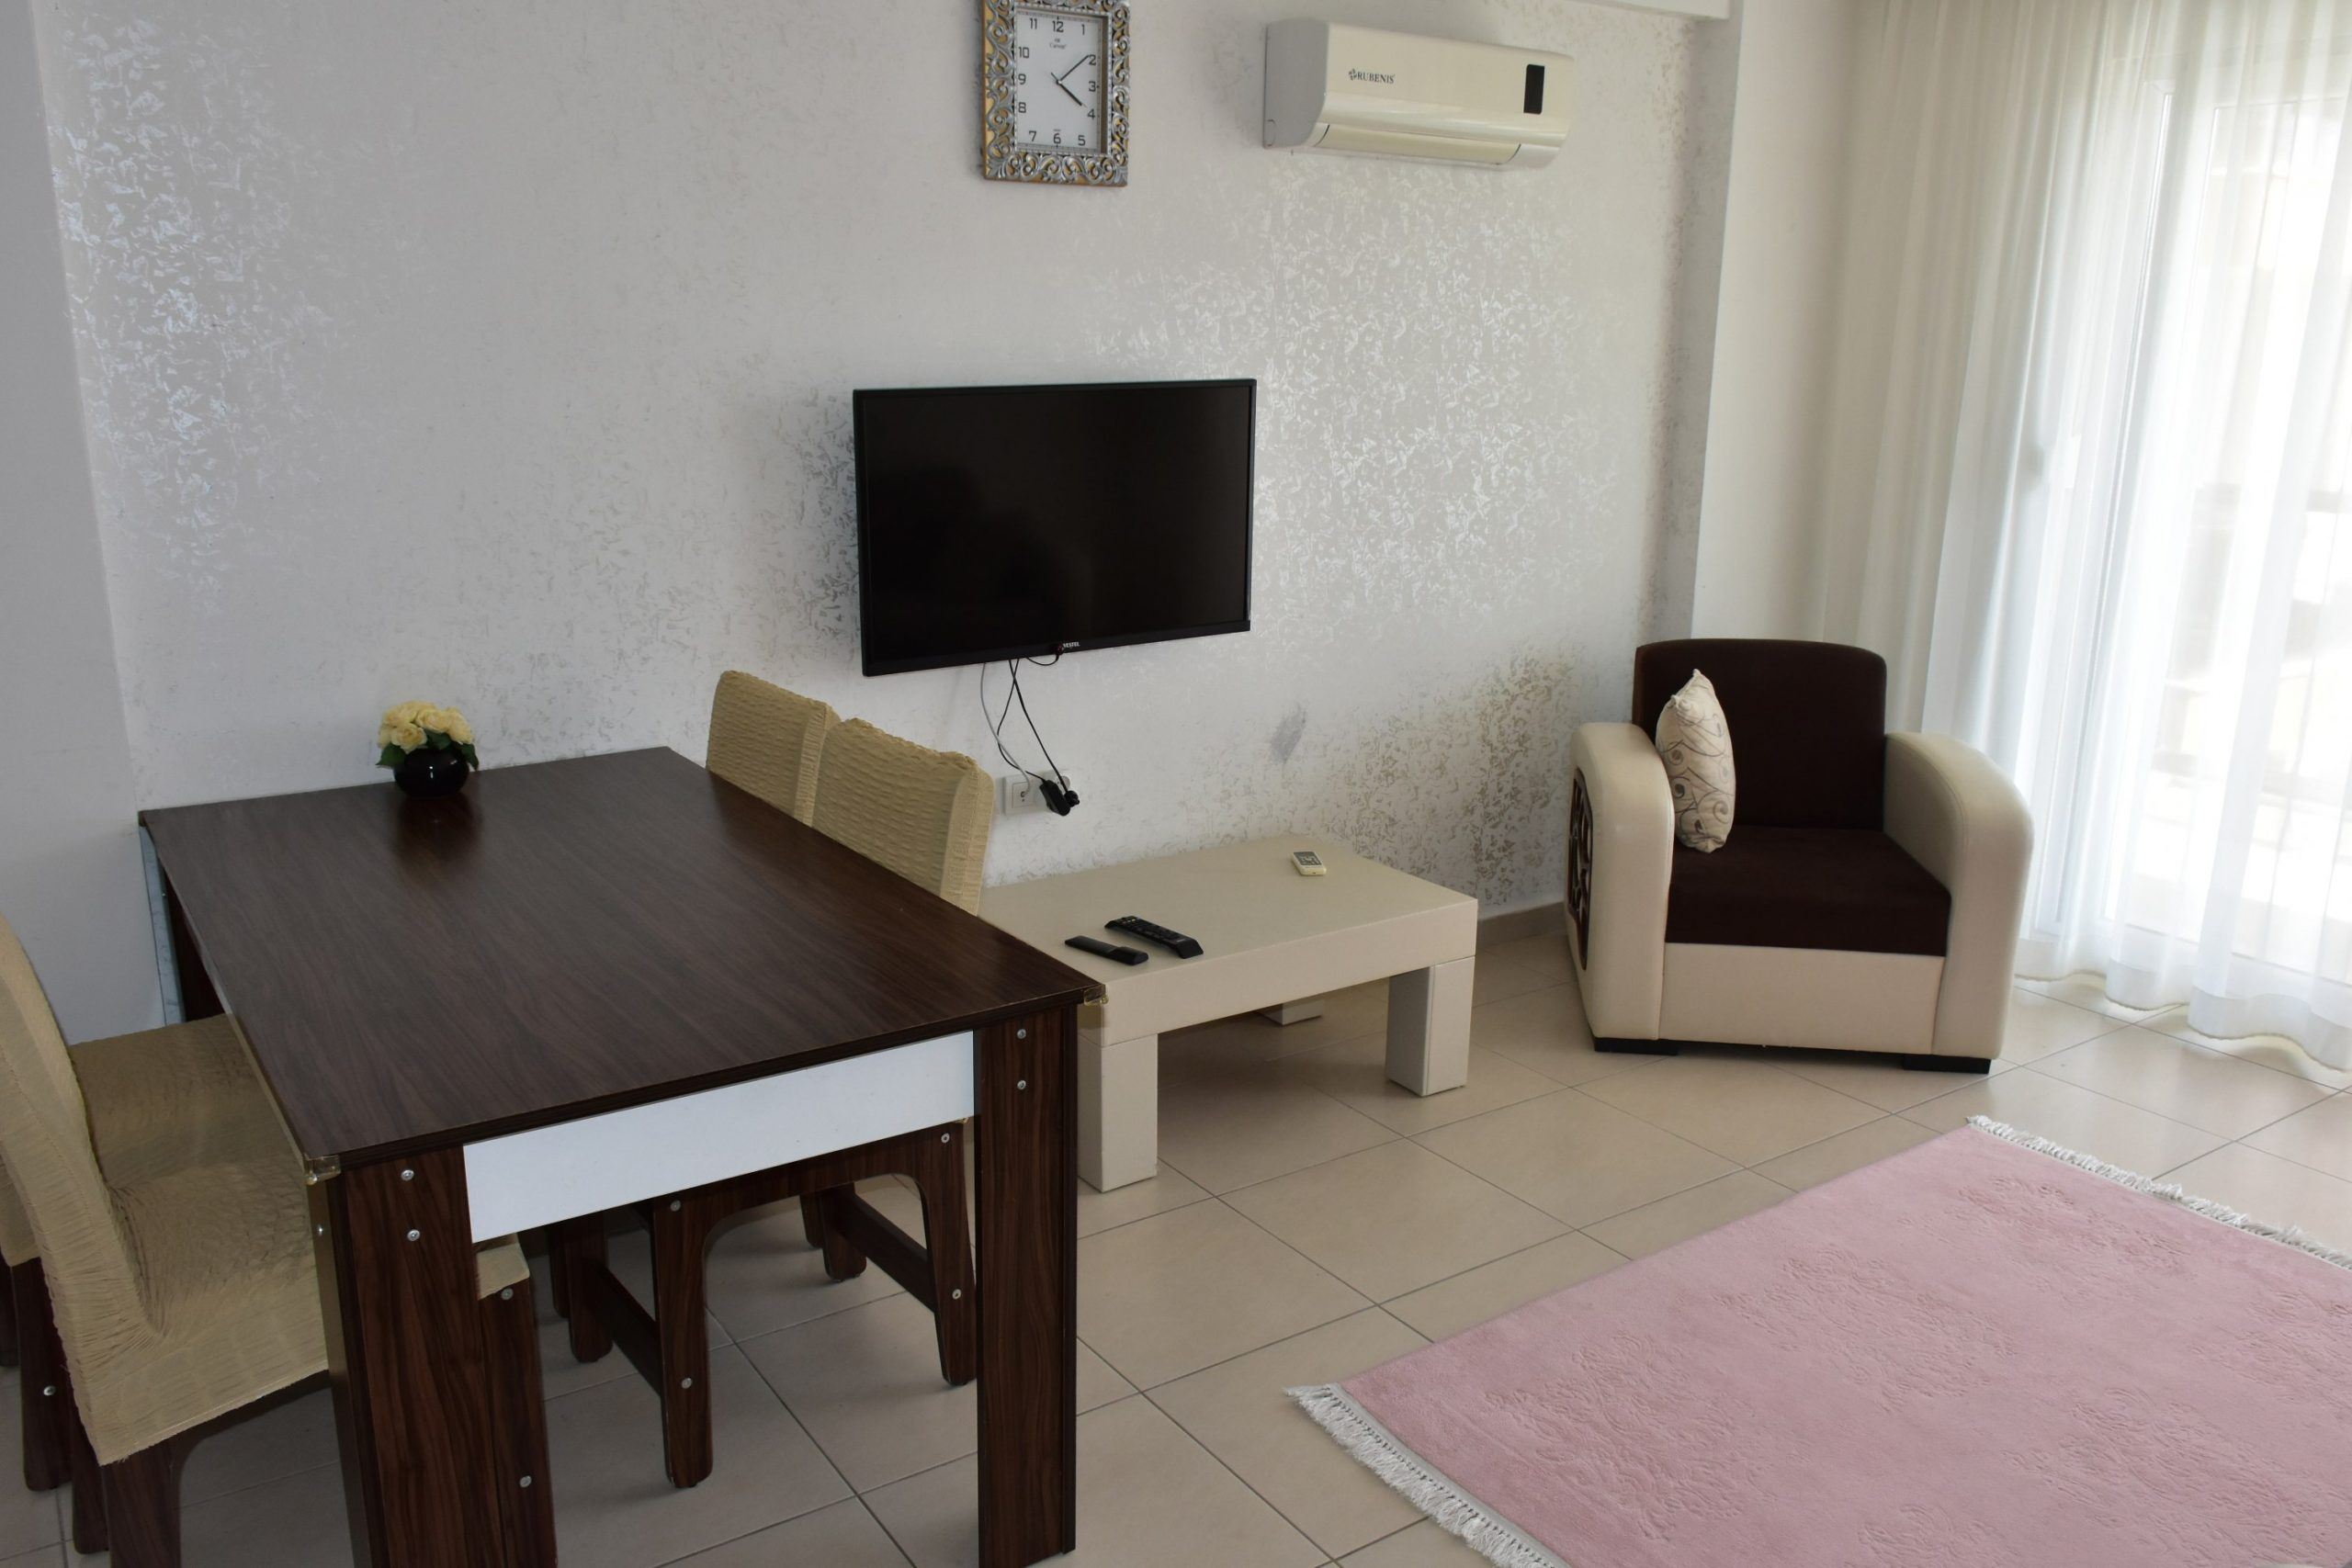 Двухкомнатная квартира с мебелью в посёлке Авсаллар - Фото 13